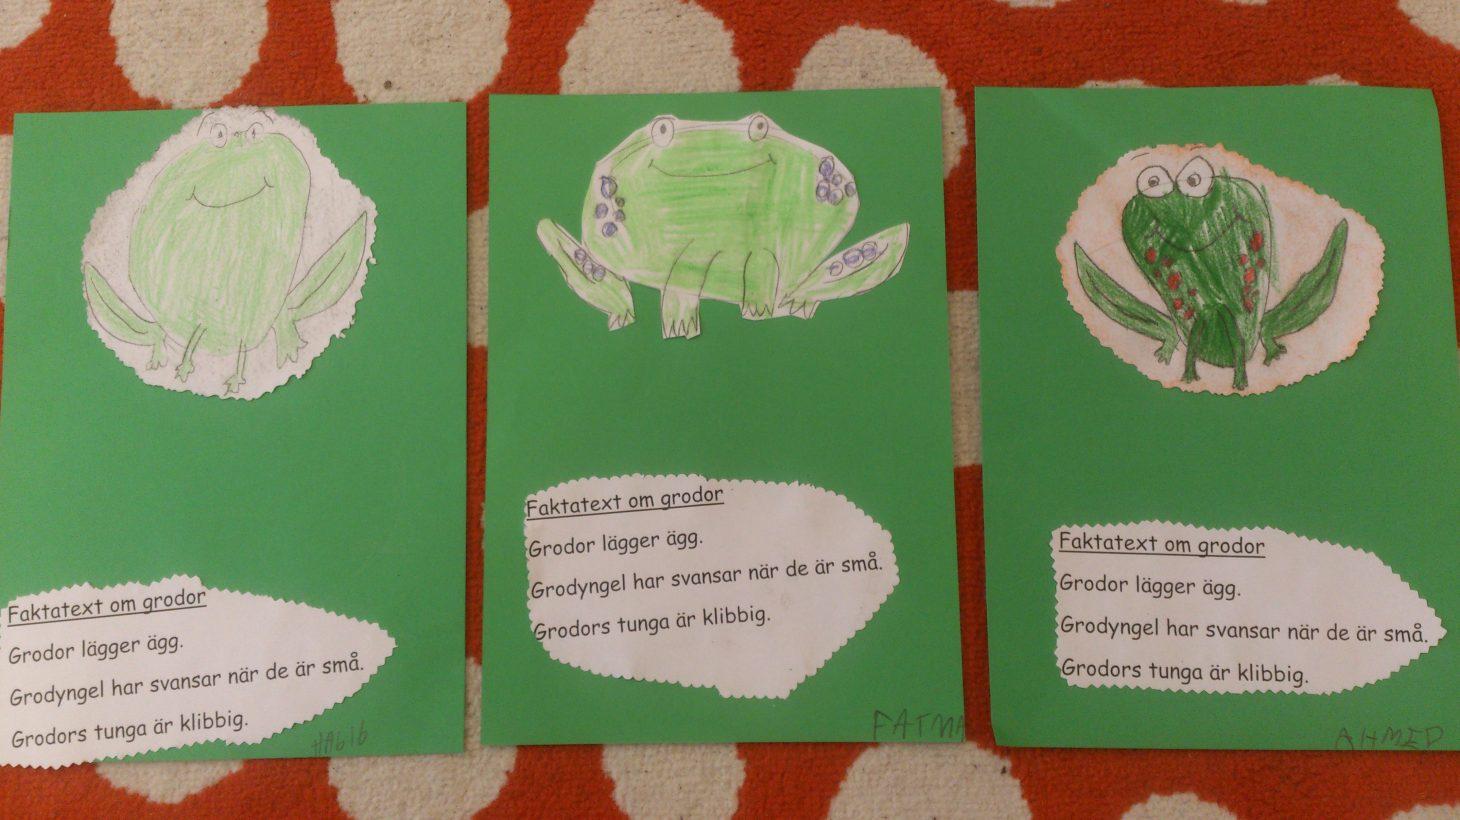 Teckningar och texter av och om grodor.